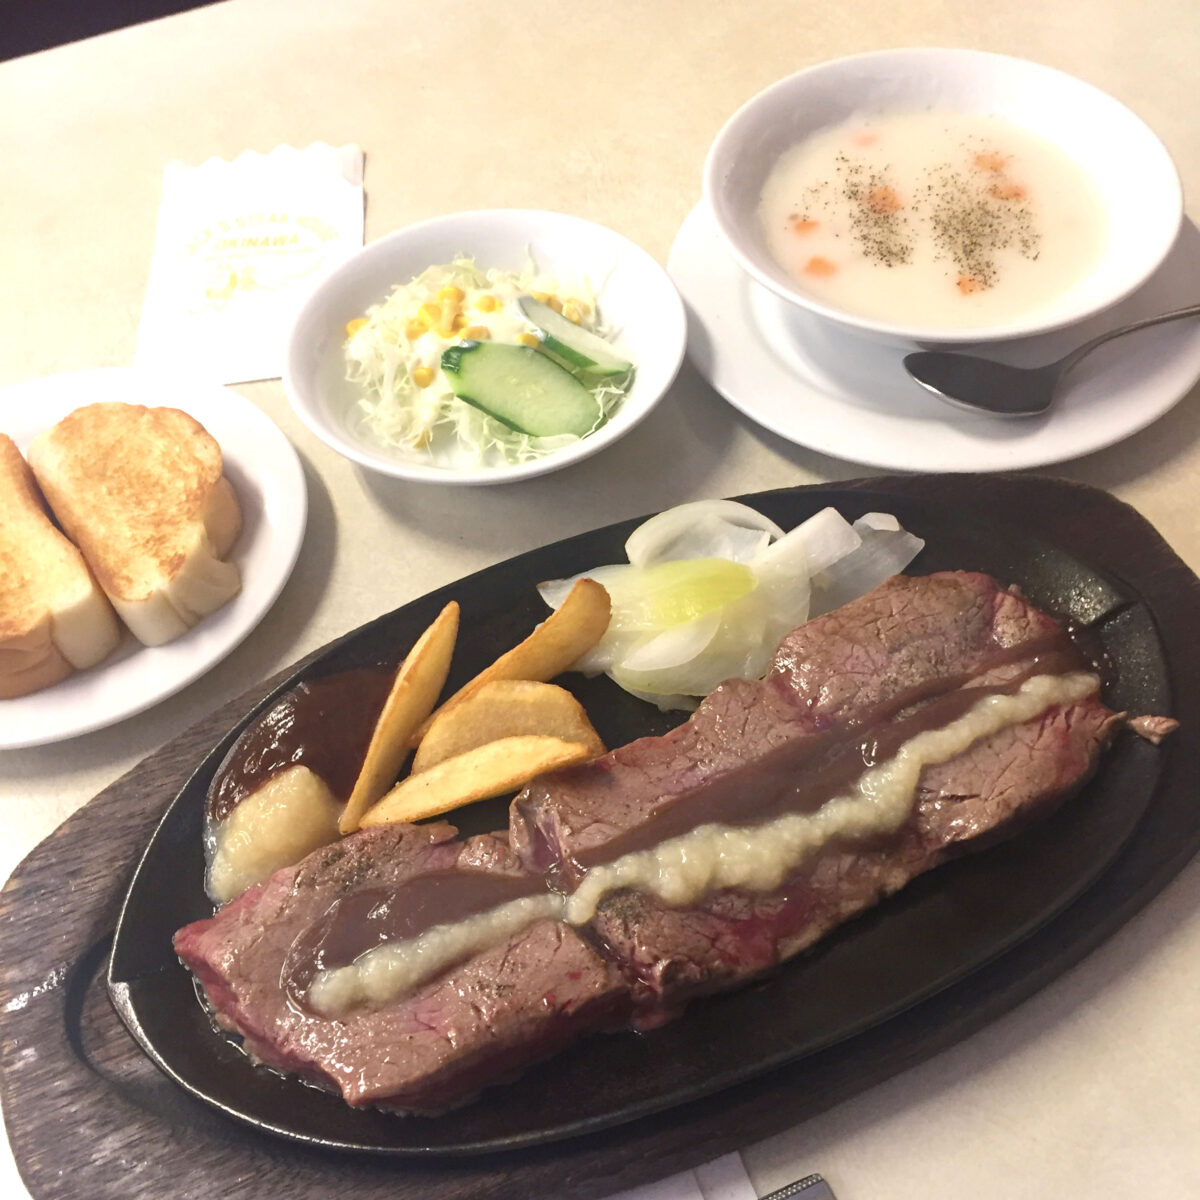 沖縄_okinawa_steak_ステーキ_ジャッキーステーキ1